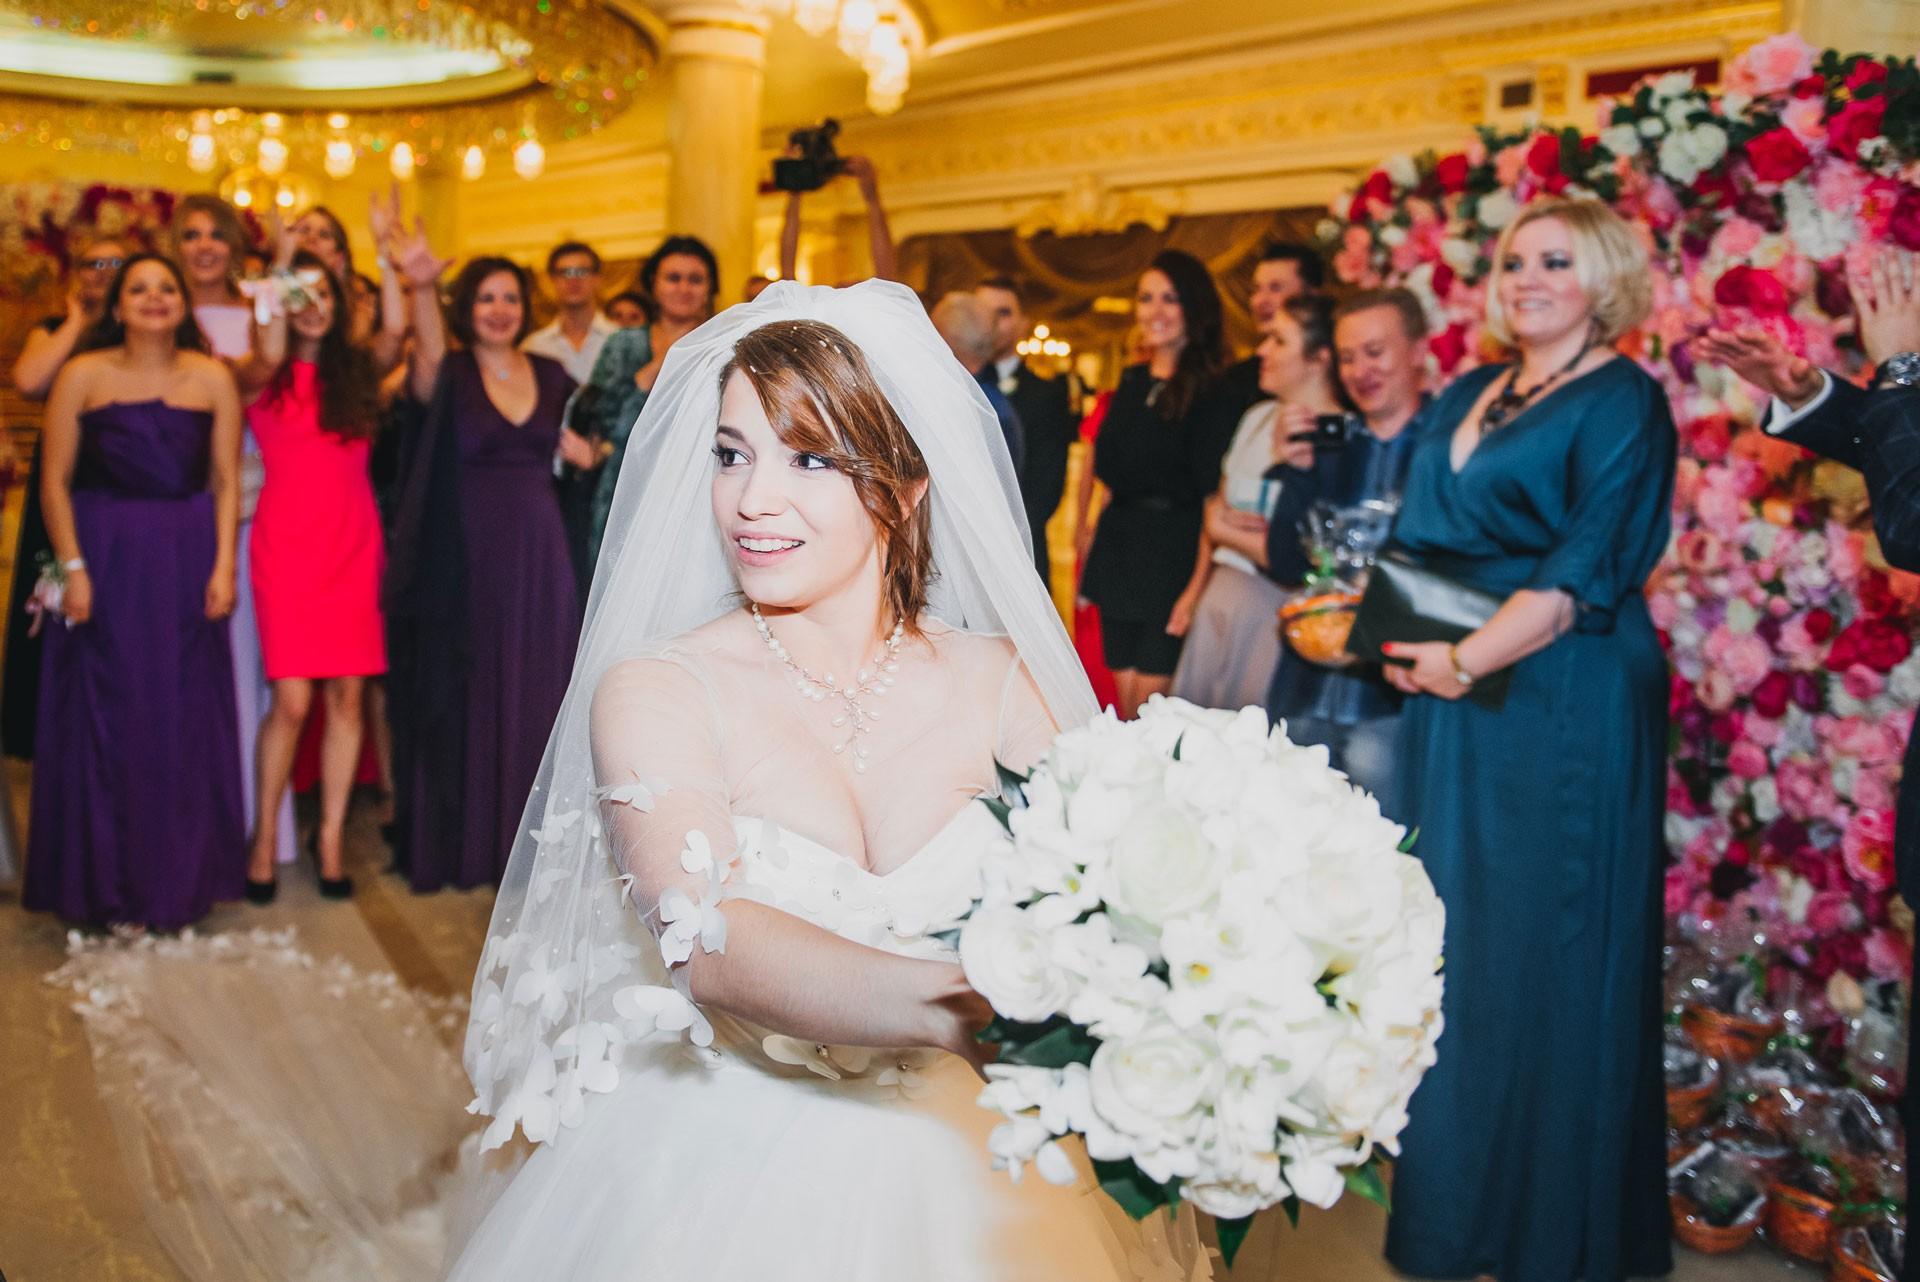 Фото свадьбы дочери сябитовой